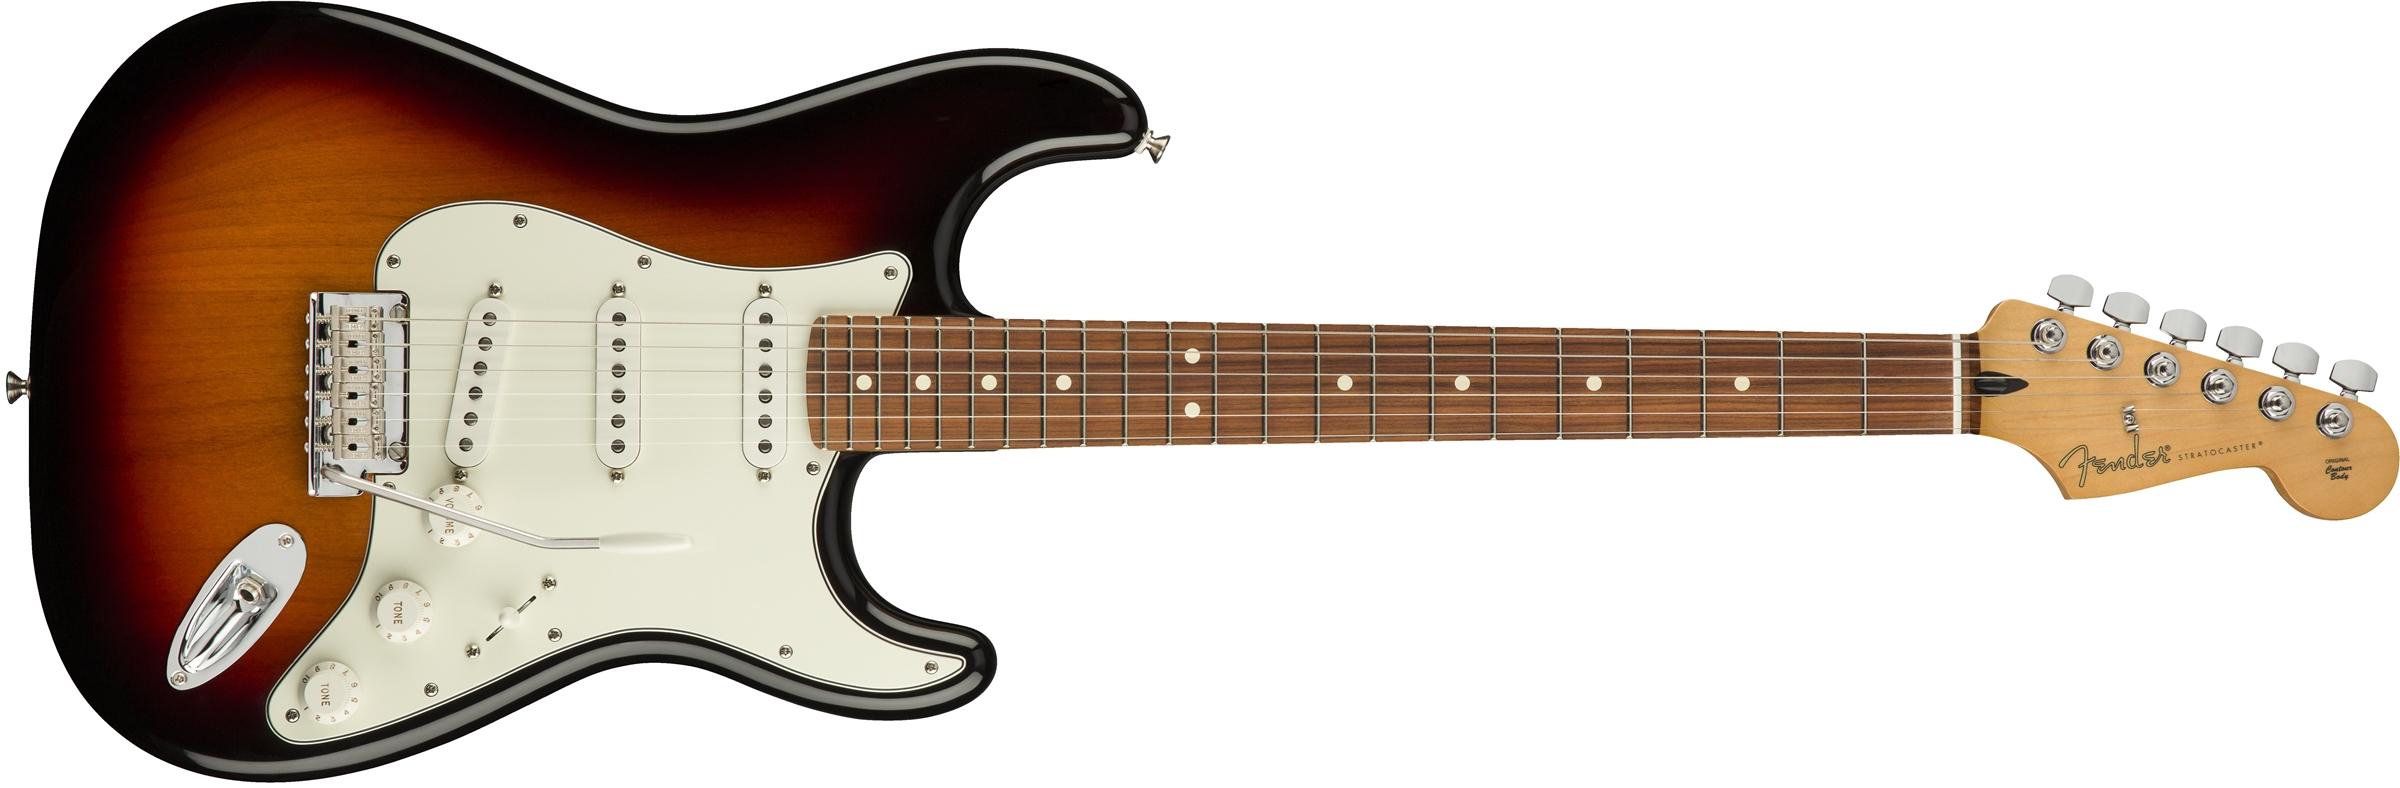 FENDER-Player-Stratocaster-PF-3-Color-Sunburst-0144503500-sku-22440